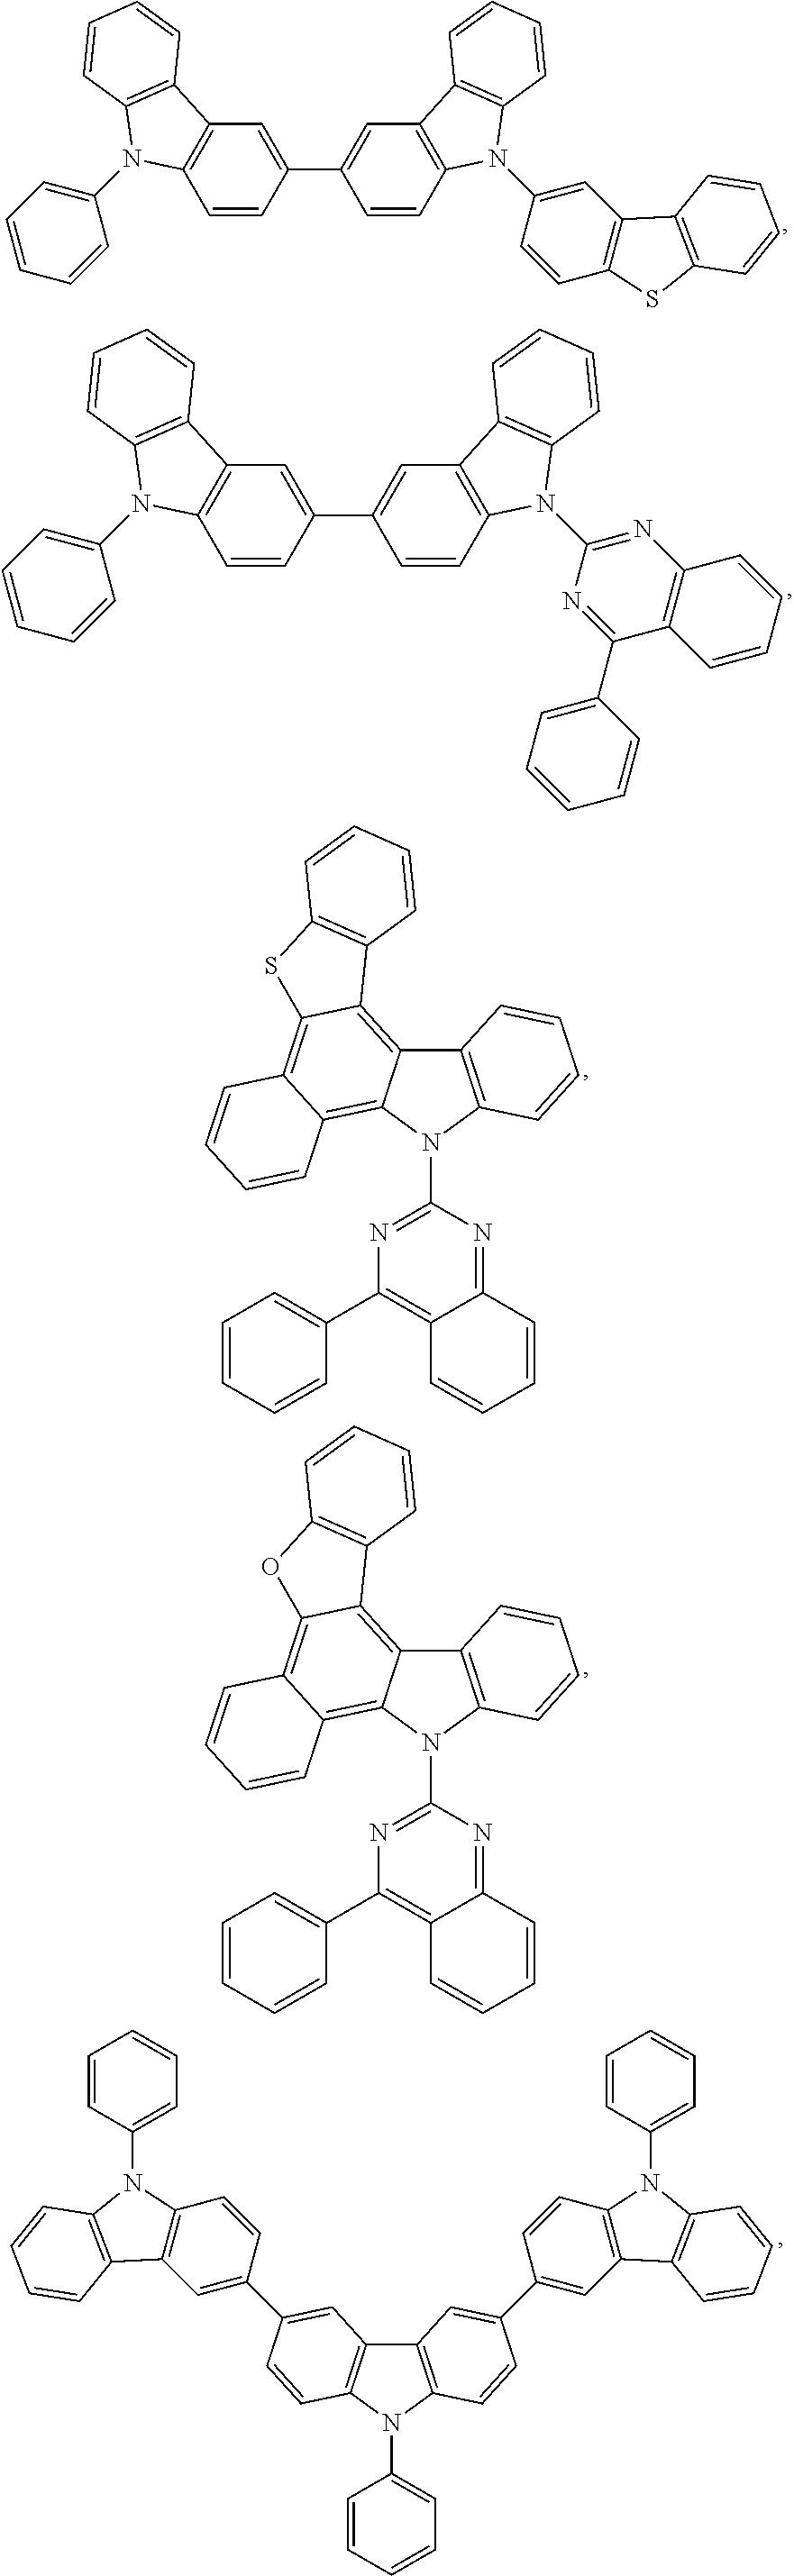 Figure US20170365801A1-20171221-C00065